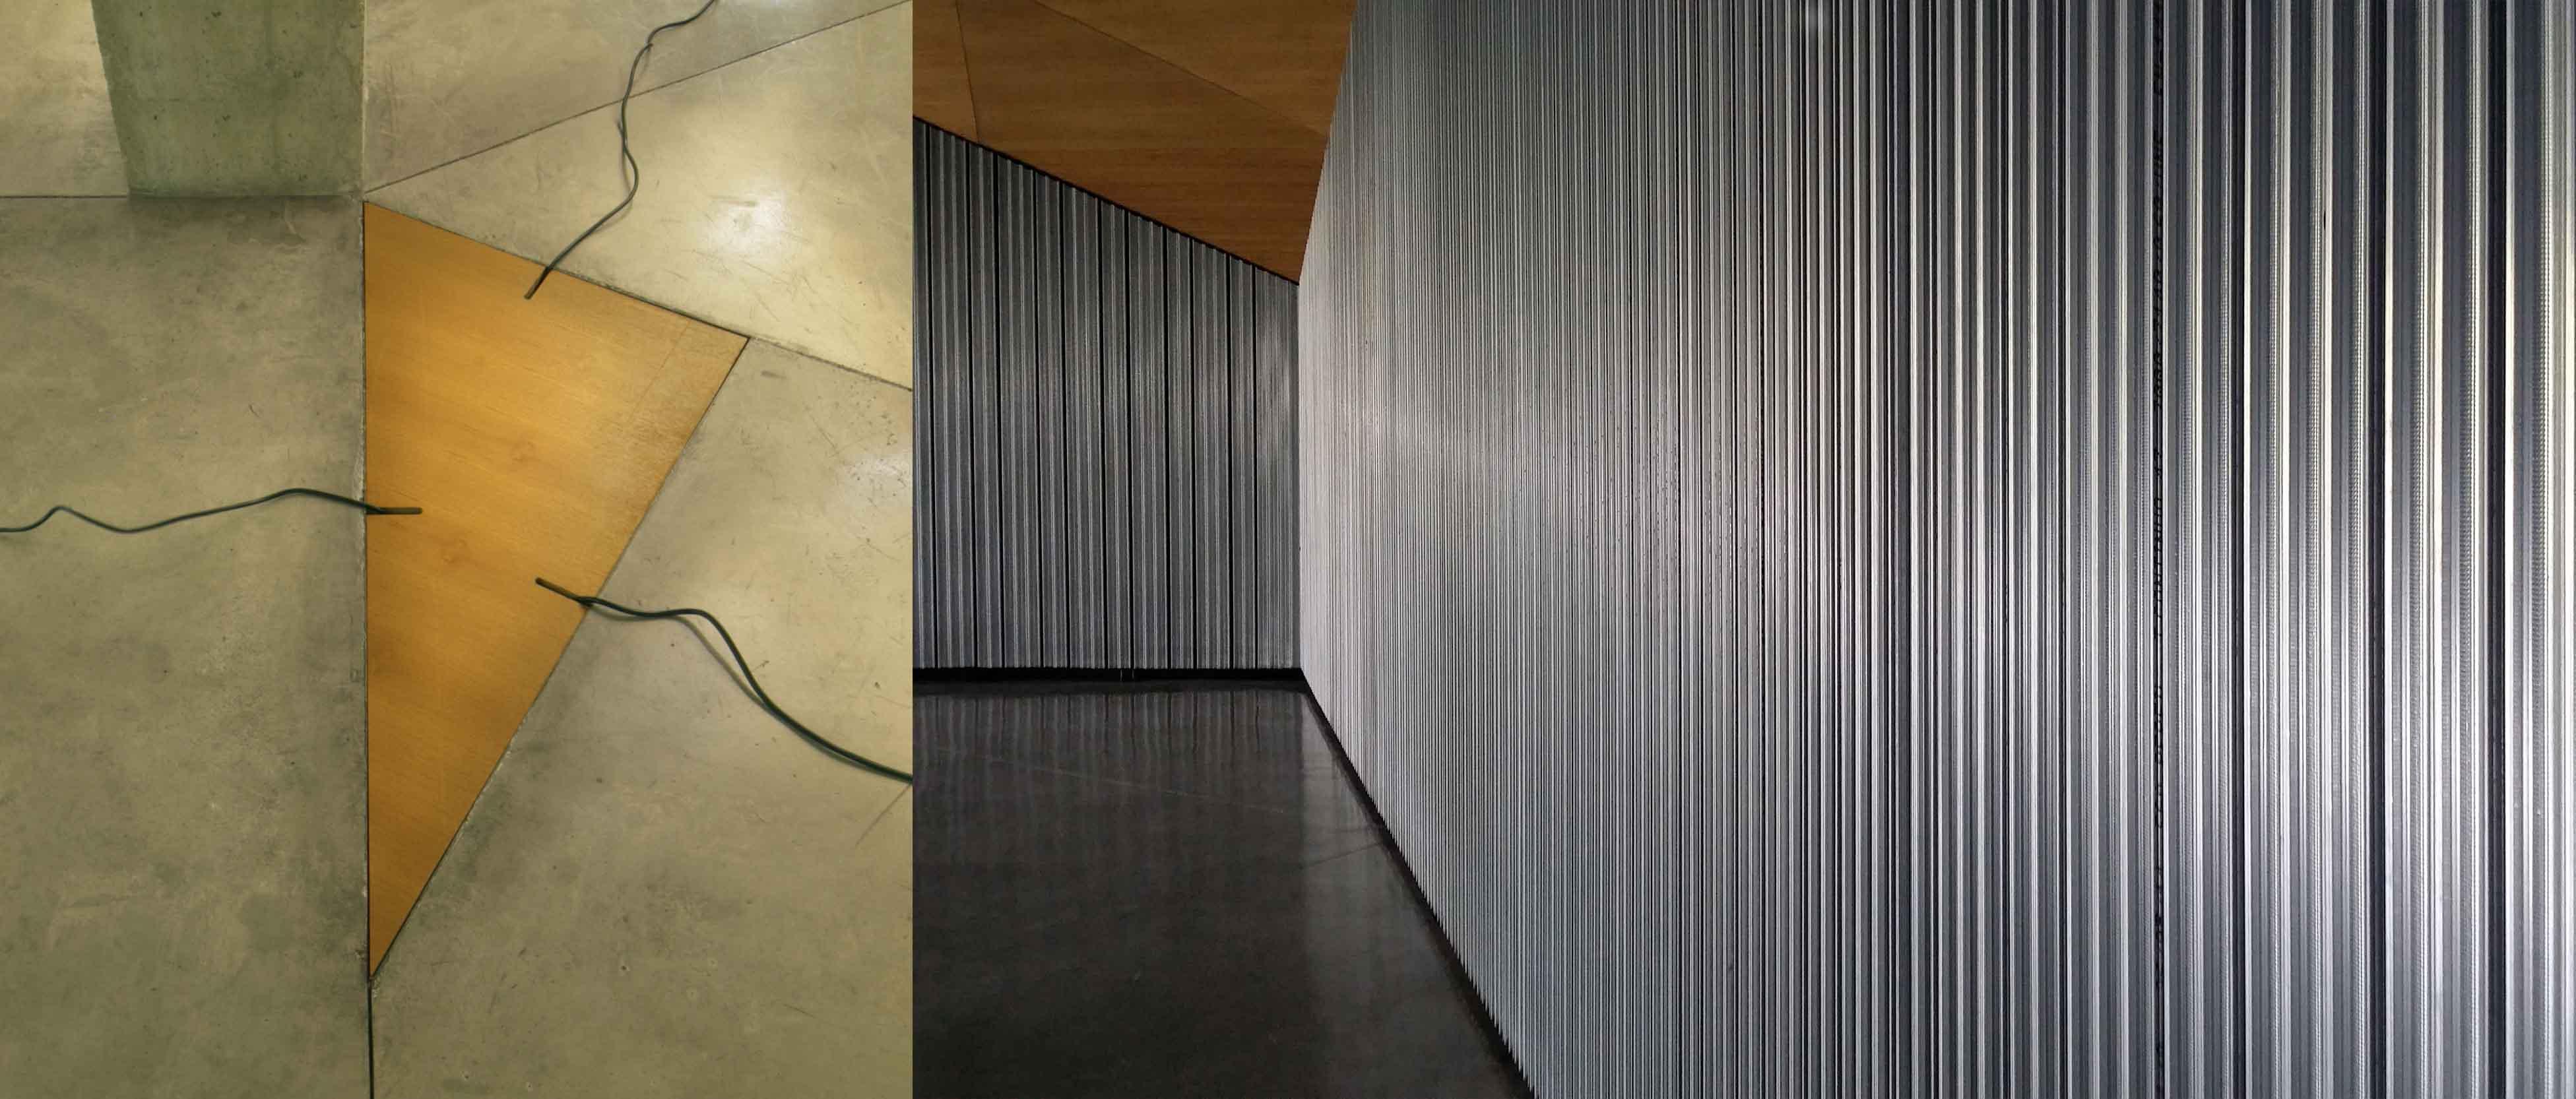 Tienda Largo recorrido (Navarra), diseñado por José María Zarranz Olivero, Xavier Guindano Laborda y Alai Zarranz Olivero